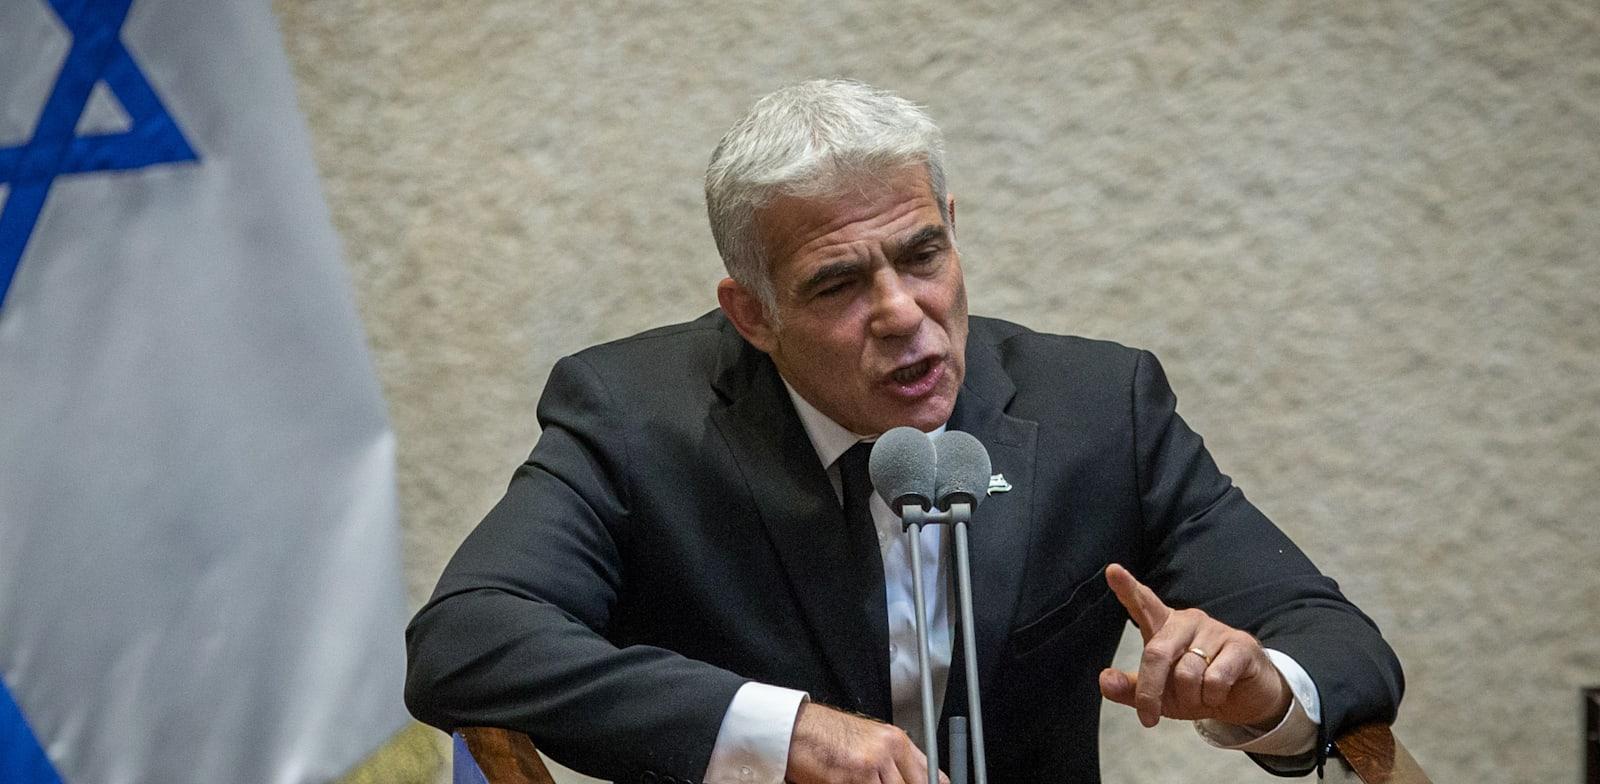 """יאיר לפיד, יו""""ר מפלגת יש עתיד / צילום: אורון בן חקון"""